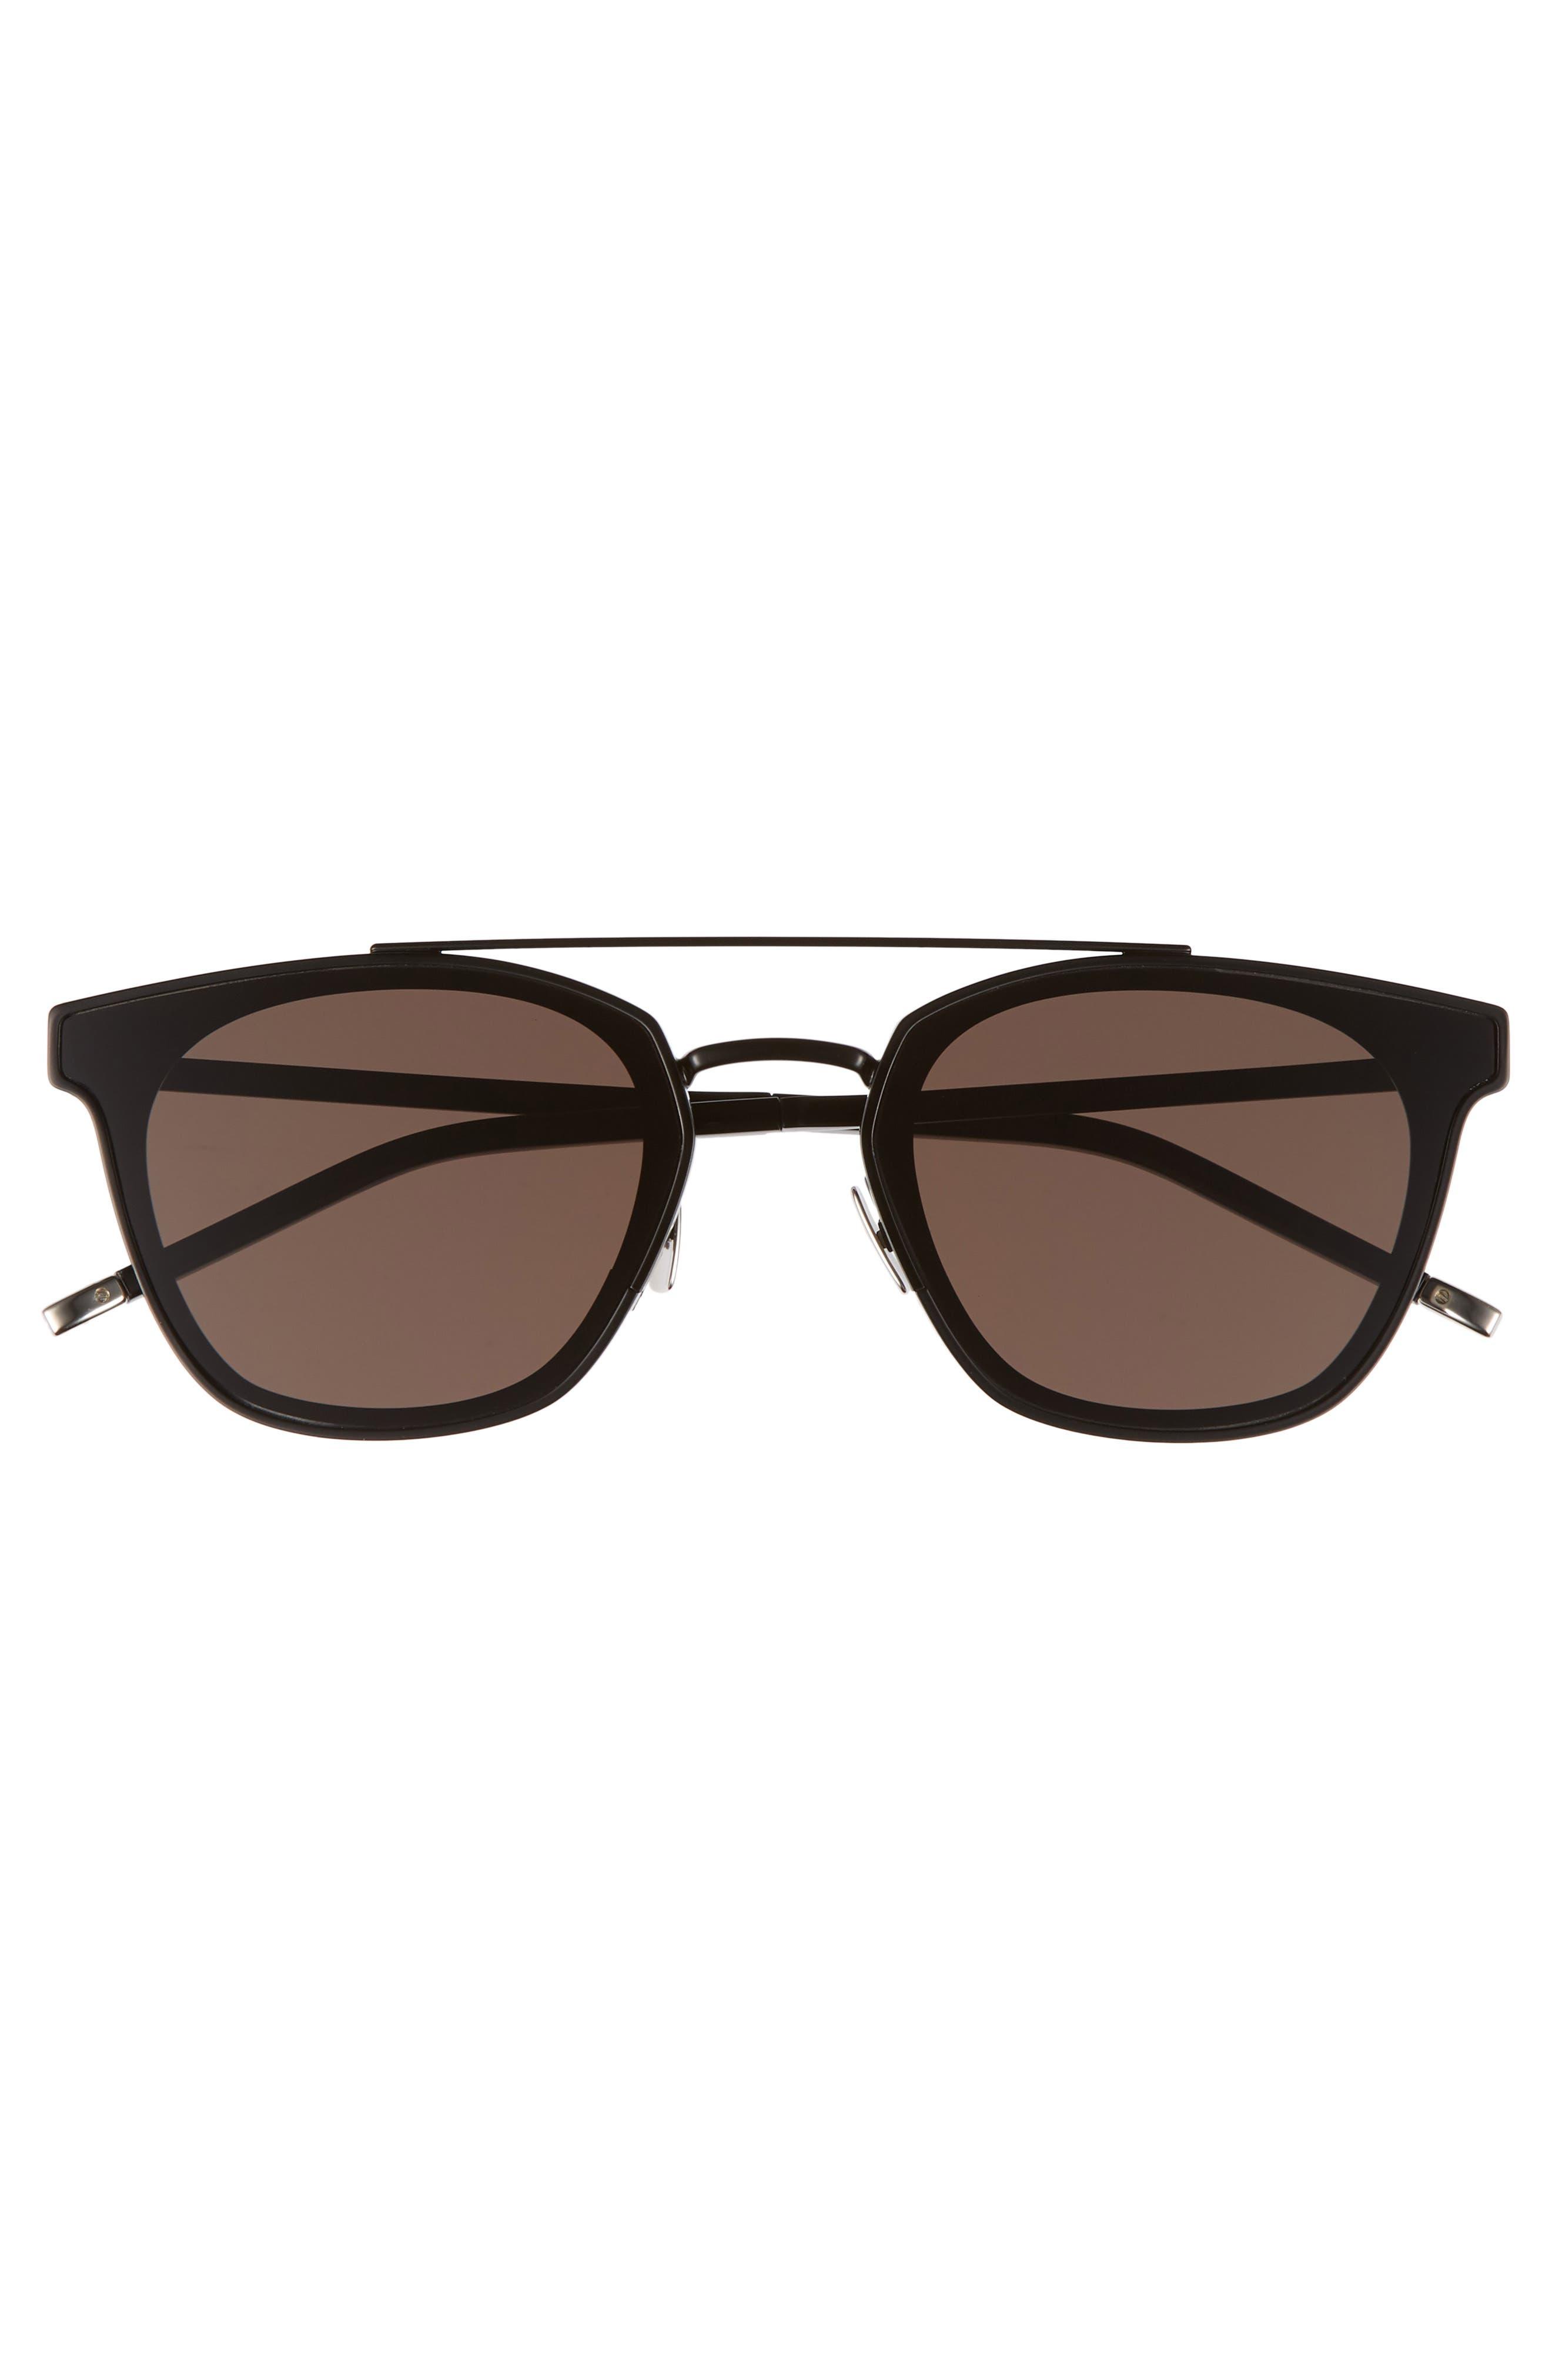 SL 28 61mm Polarized Sunglasses,                             Alternate thumbnail 2, color,                             BLACK